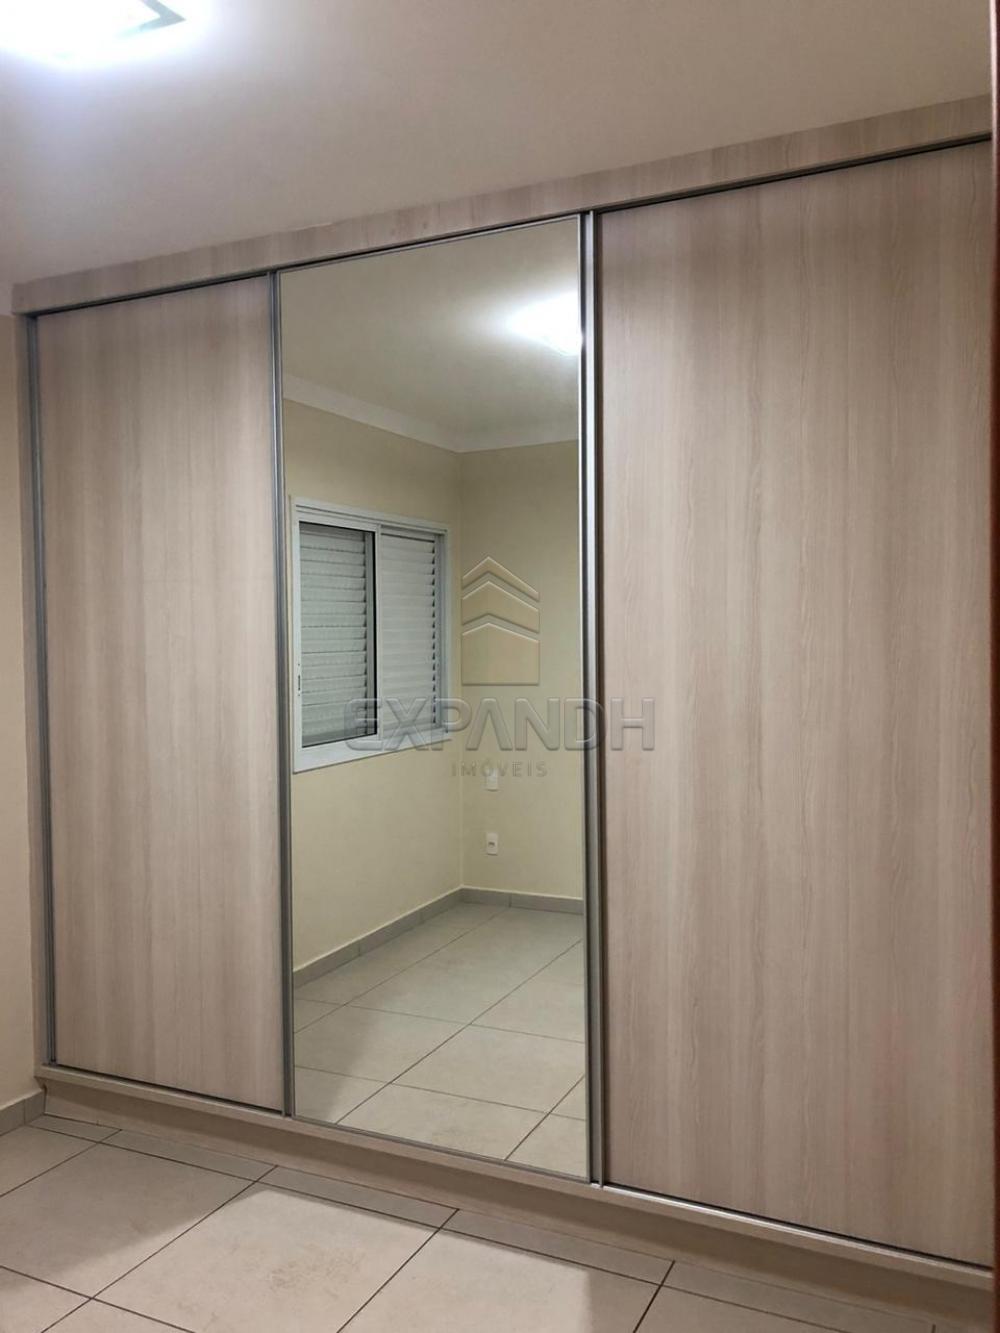 Alugar Apartamentos / Padrão em Sertãozinho apenas R$ 1.300,00 - Foto 18